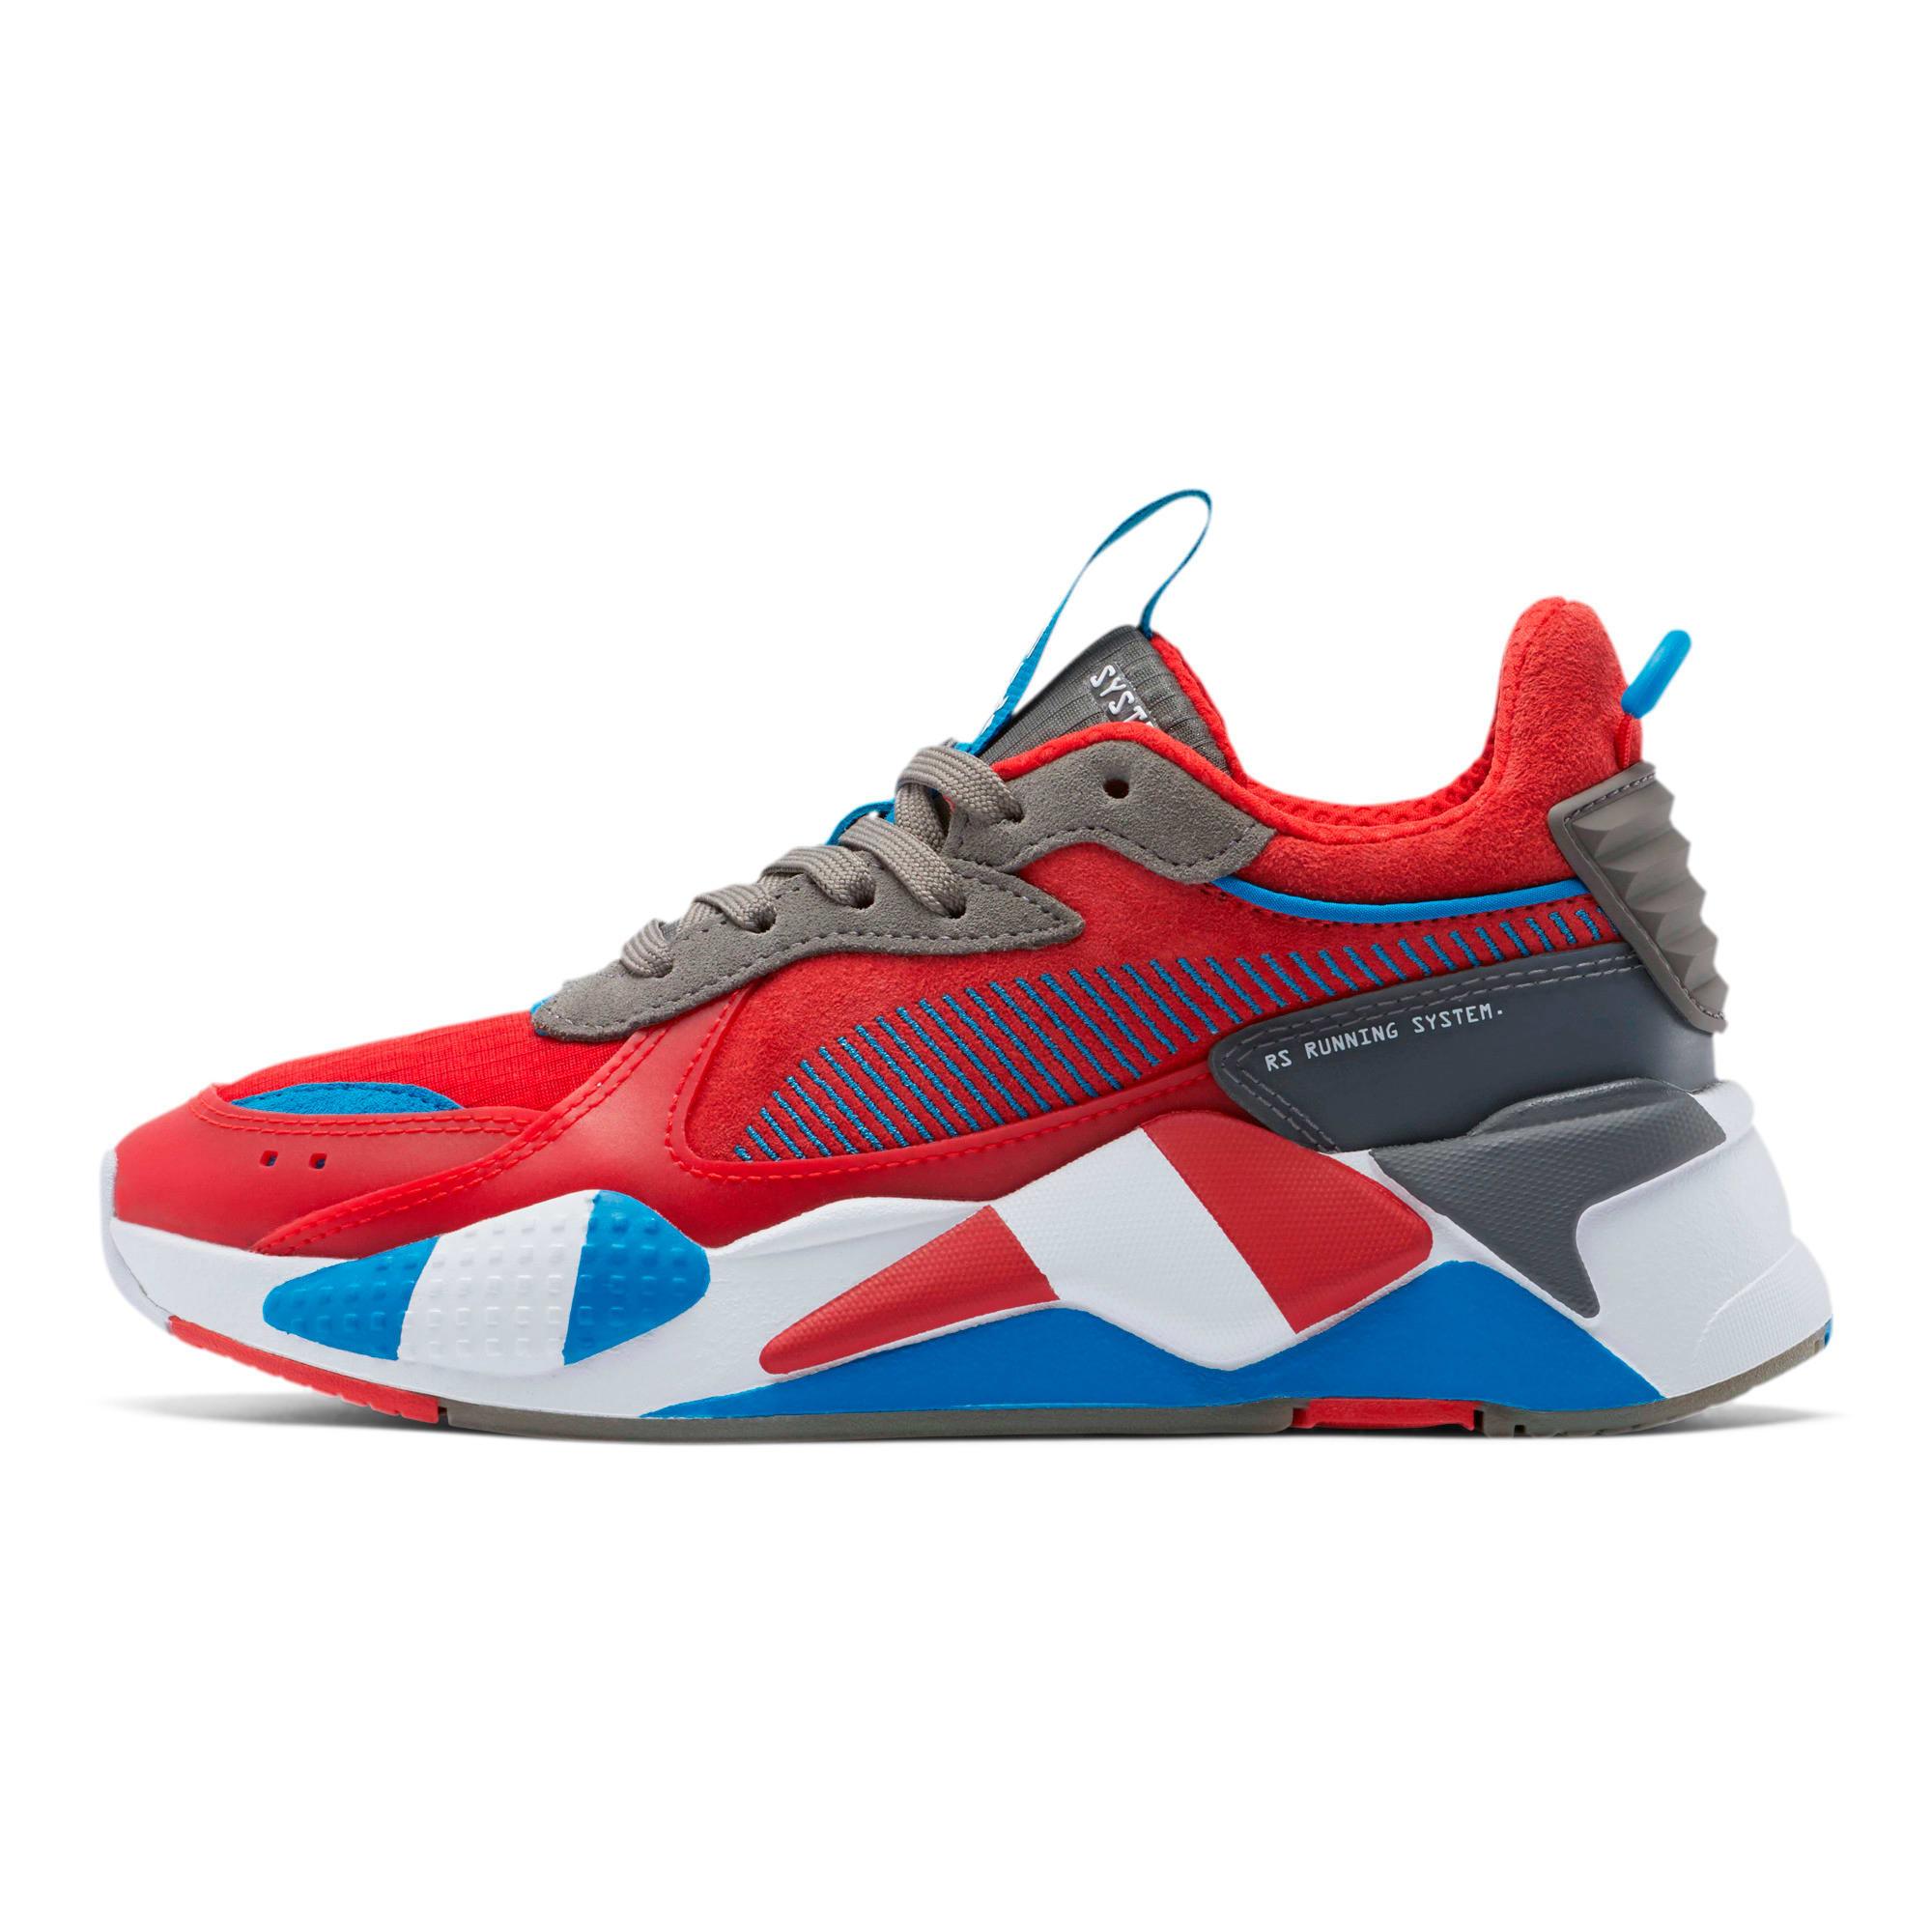 Thumbnail 1 of RS-X Retro Sneakers JR, Hi Ri Red-Ste Gray-In Bunti, medium